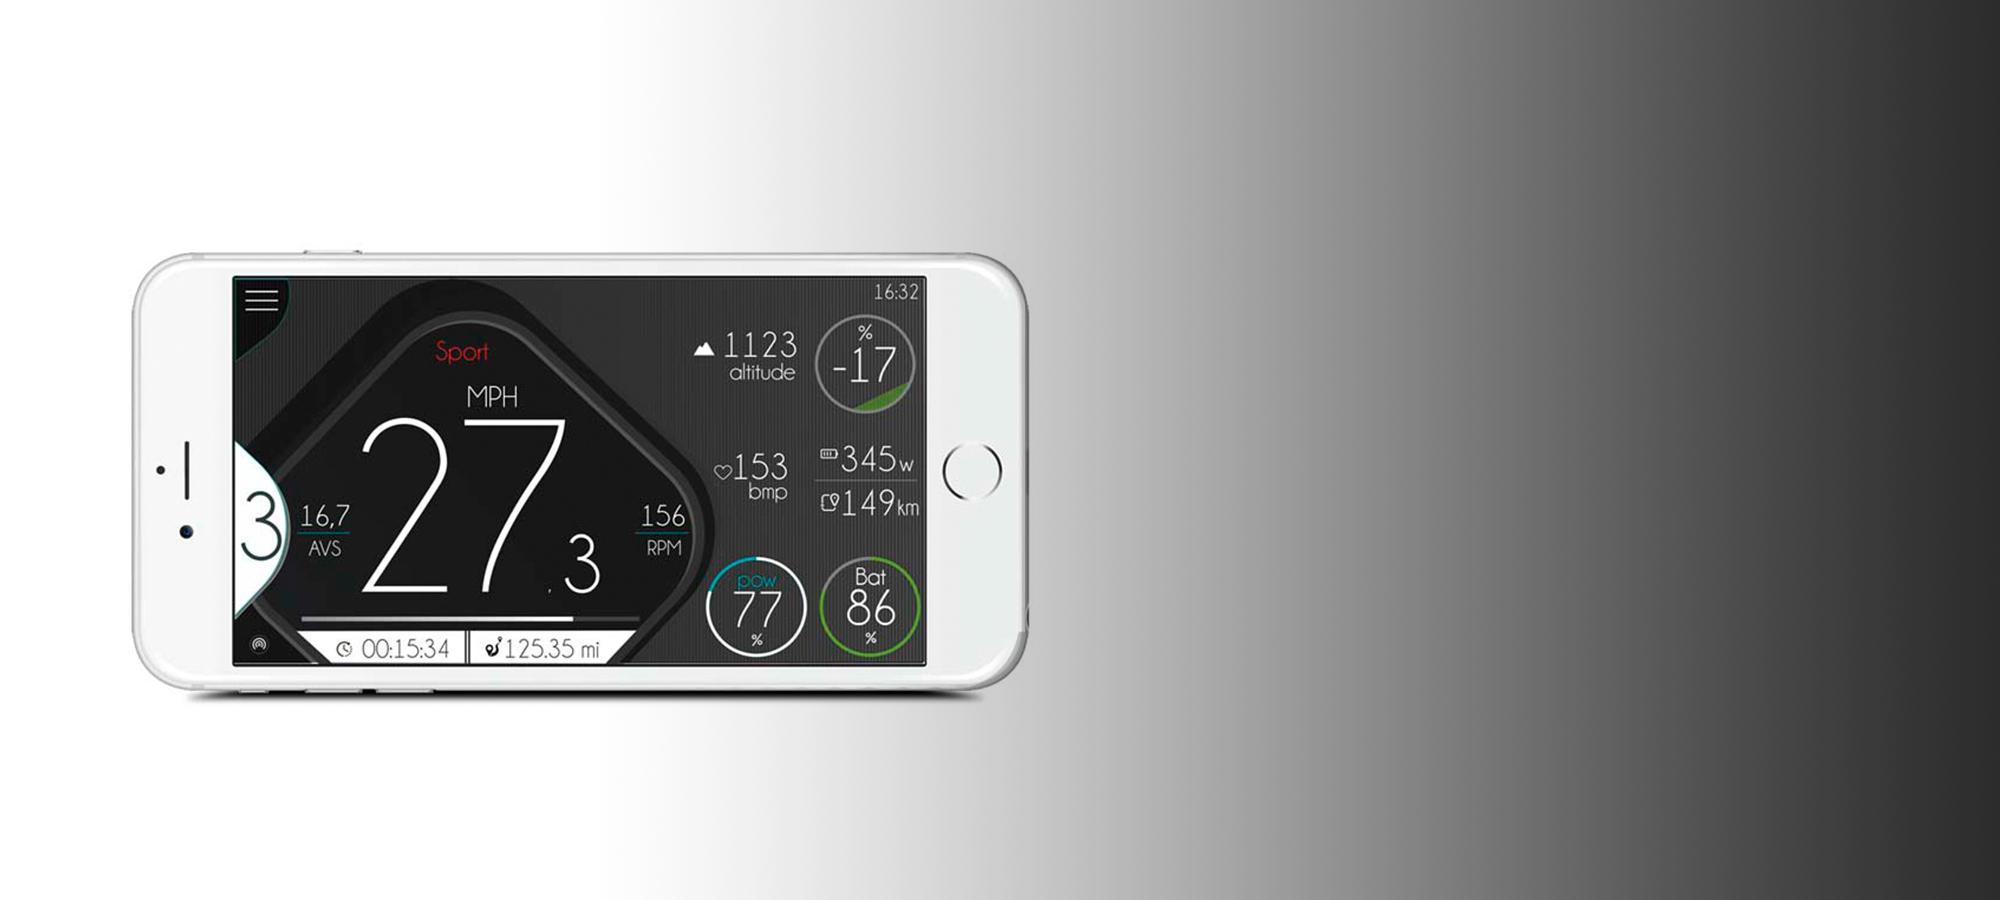 ran18-gain-road-app.jpg